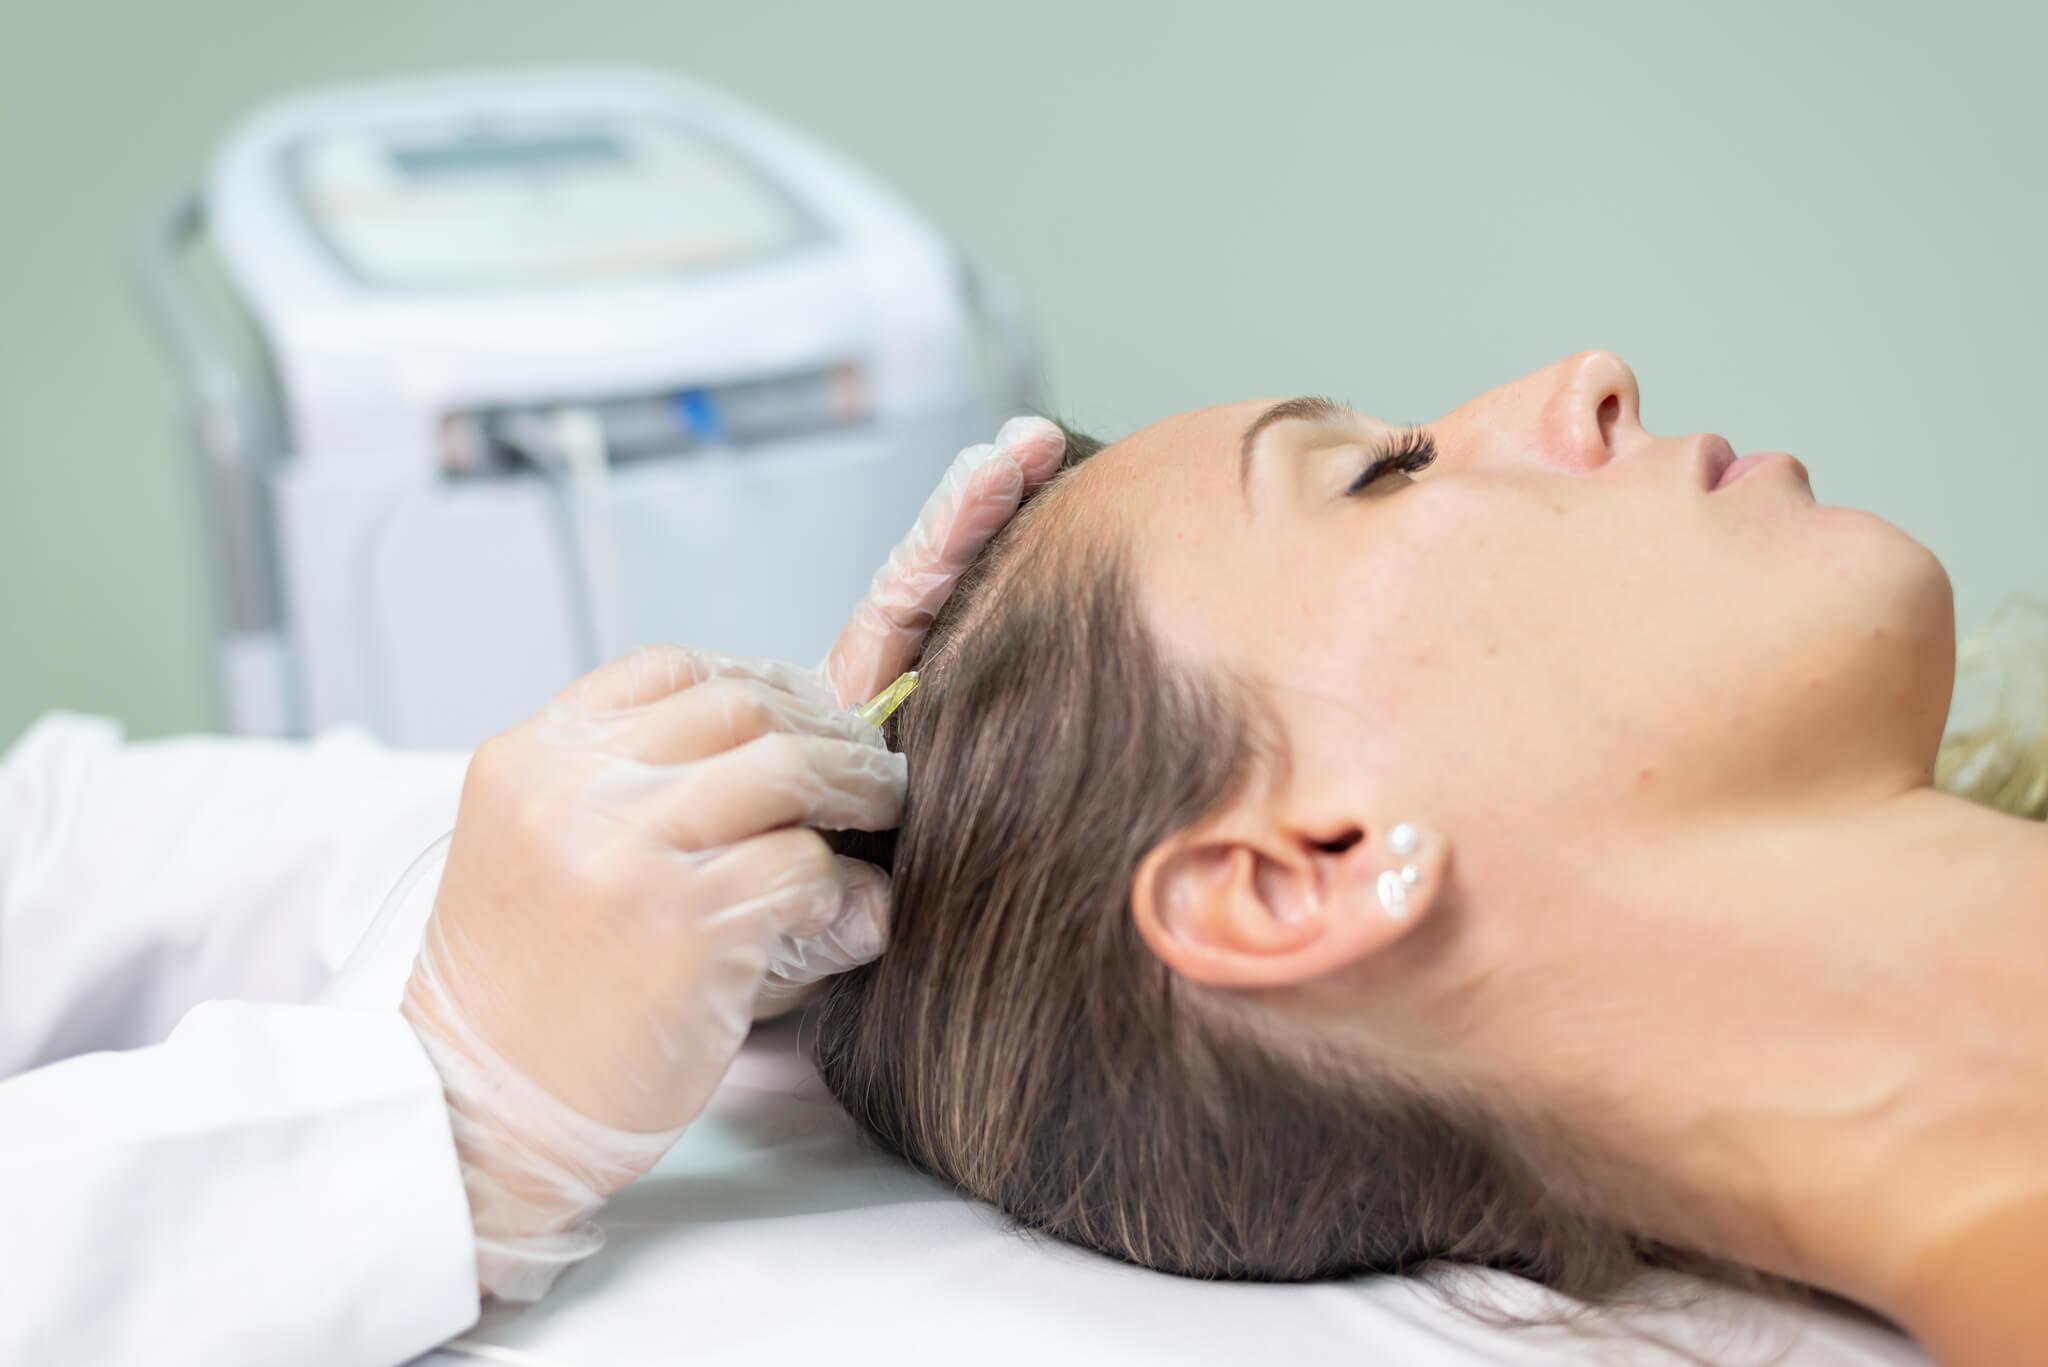 Terapia Capilar: Saiba o que é, Como Funciona e Quando é Indicada